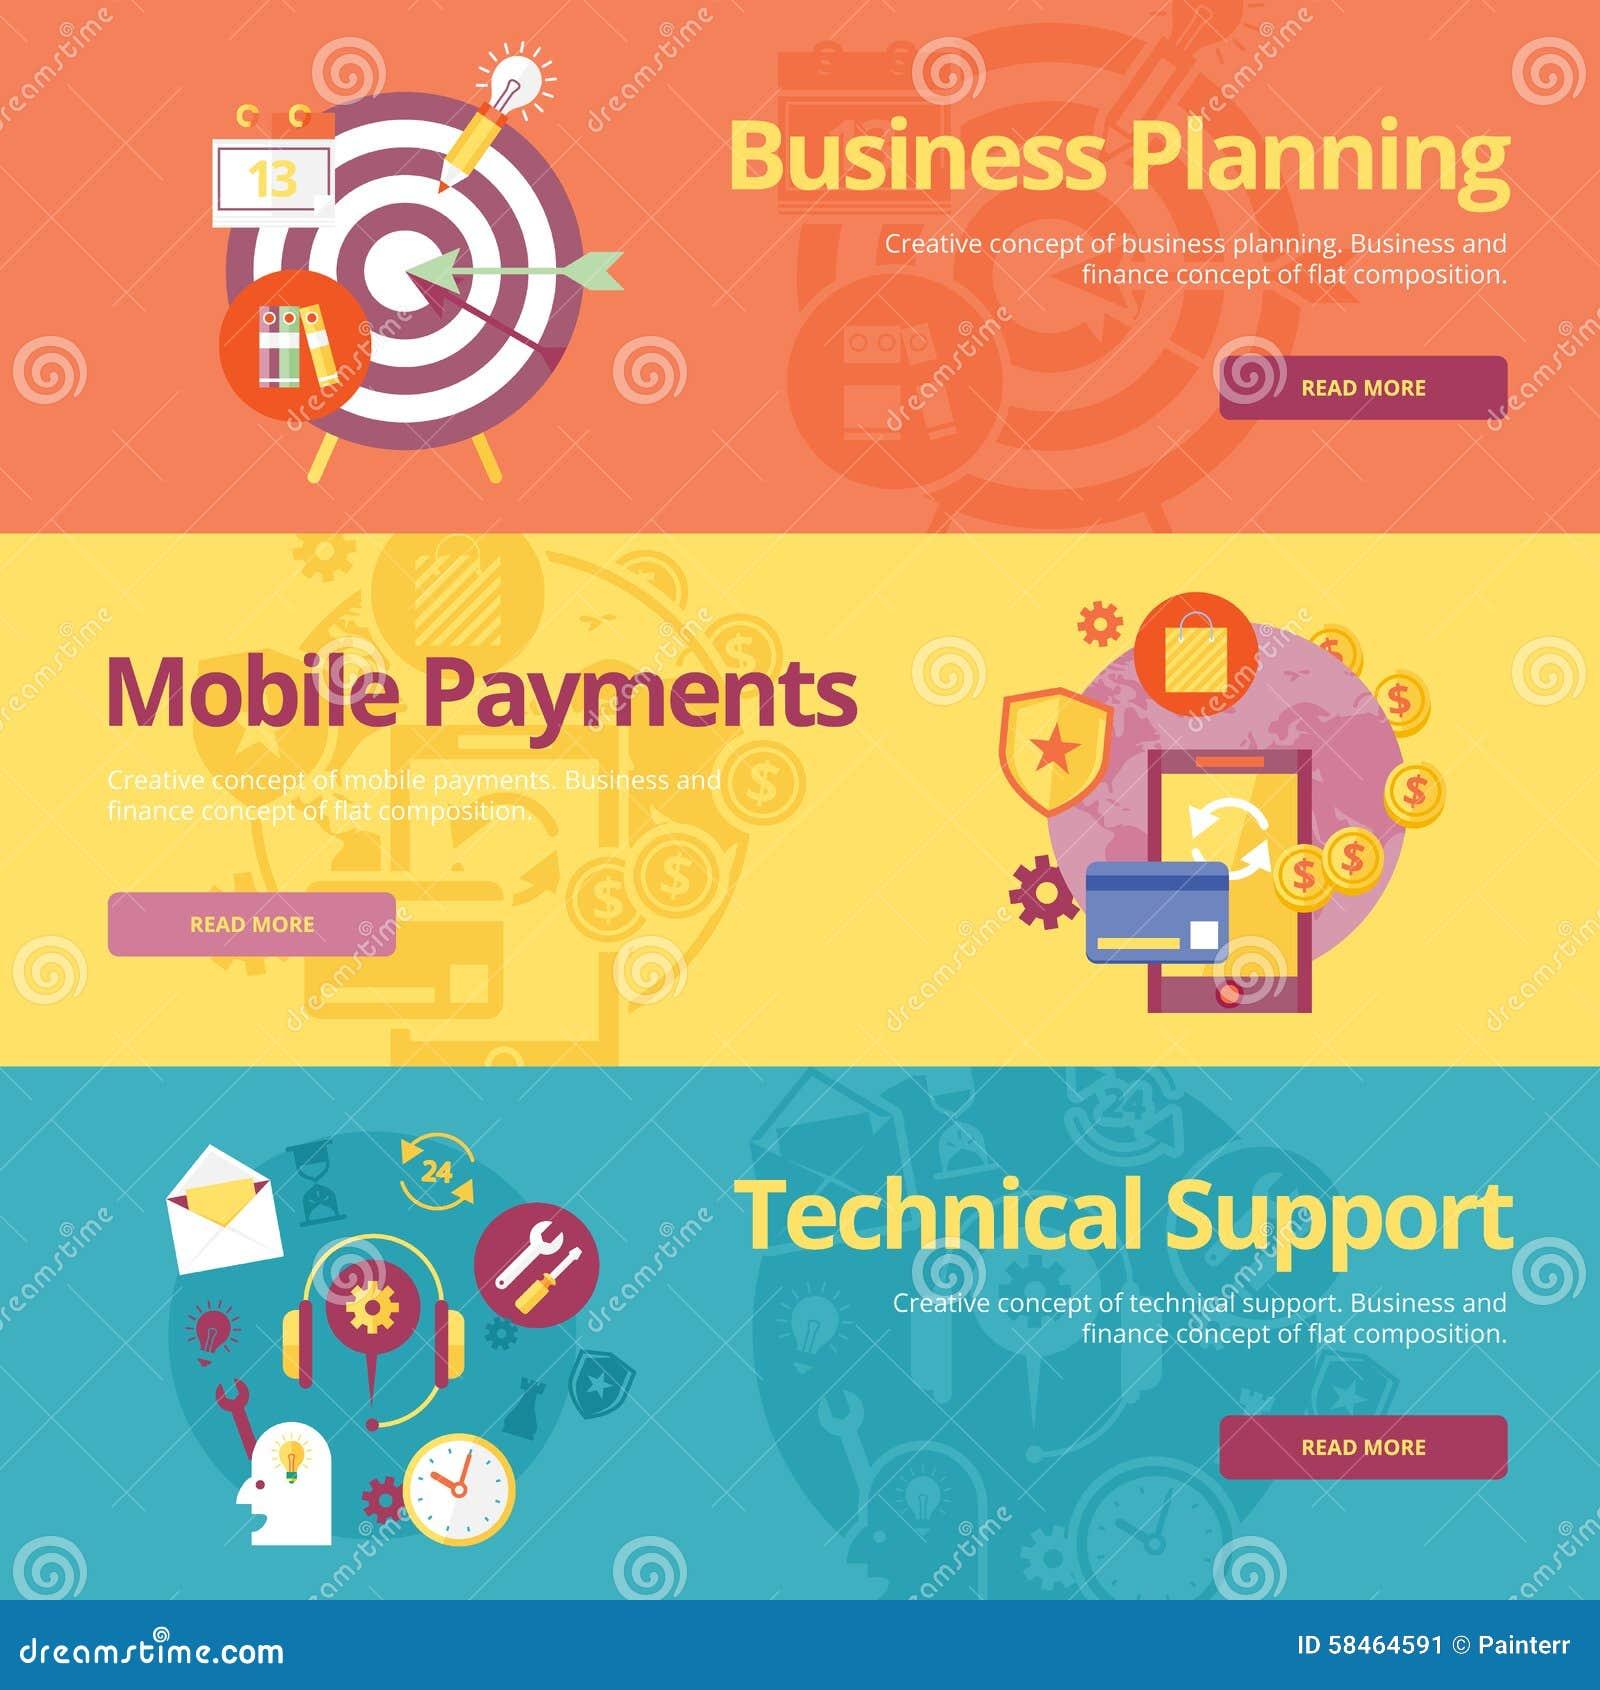 Satz flache Konzepte des Entwurfes für Unternehmensplanung, bewegliche Zahlungen, technische Unterstützung